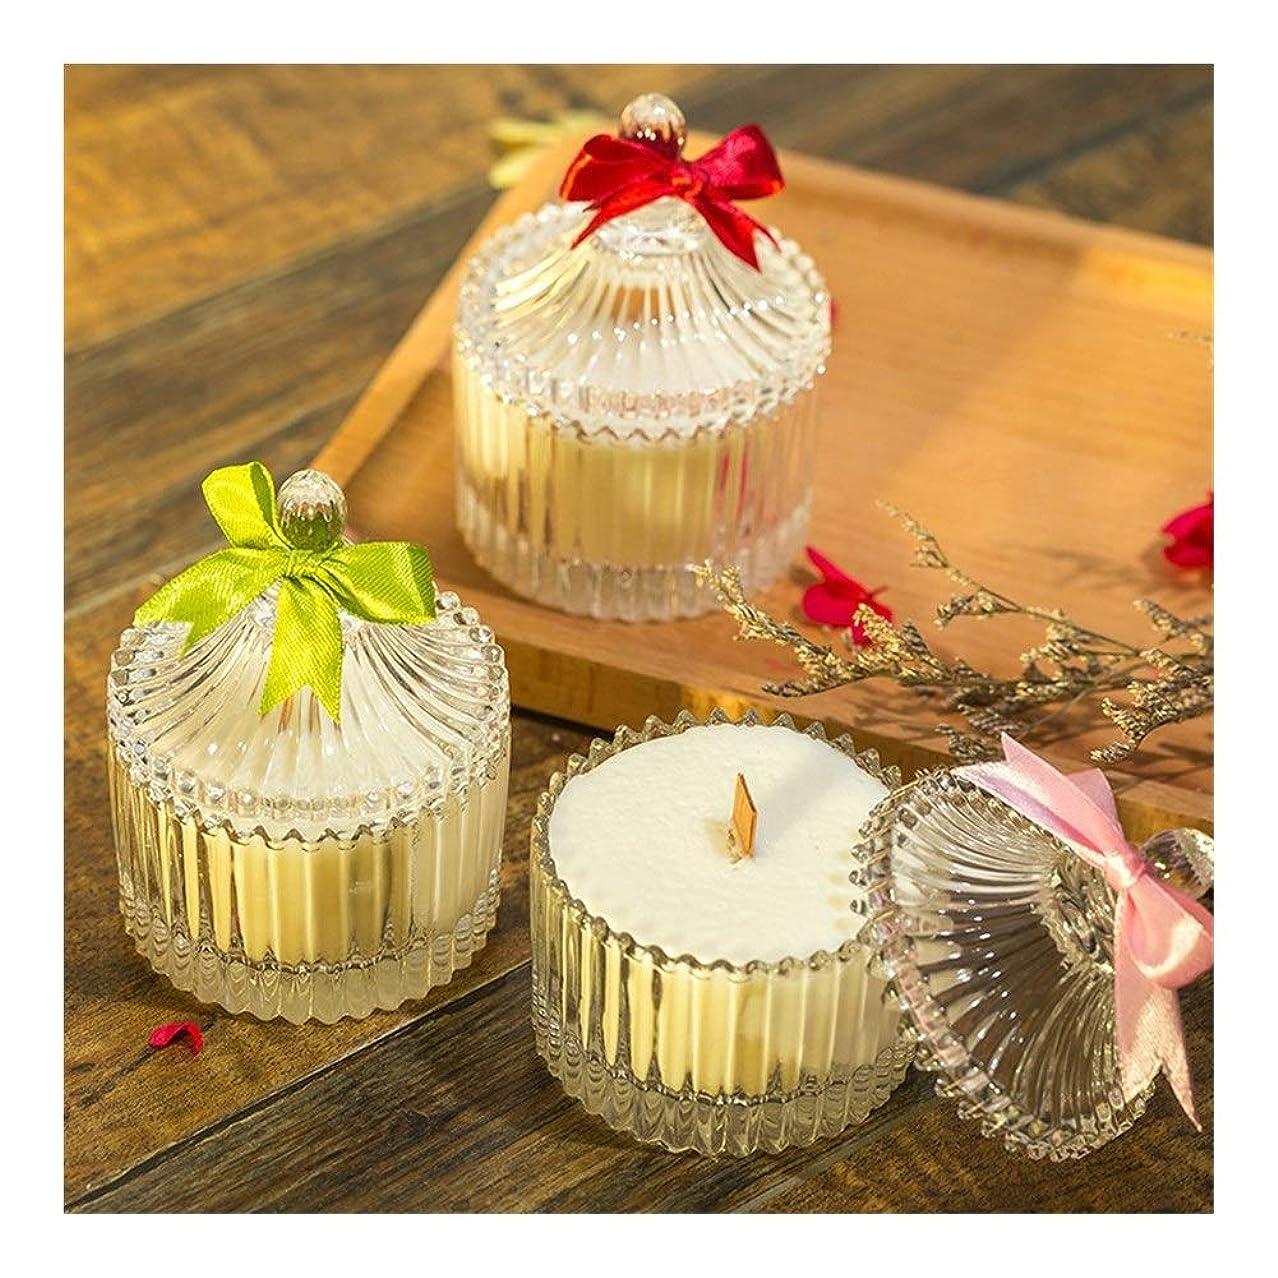 辛な障害者解決Guomao 大豆の香料入りの蝋燭の無煙ガラスの蝋燭の結婚祝い (色 : Marriage)